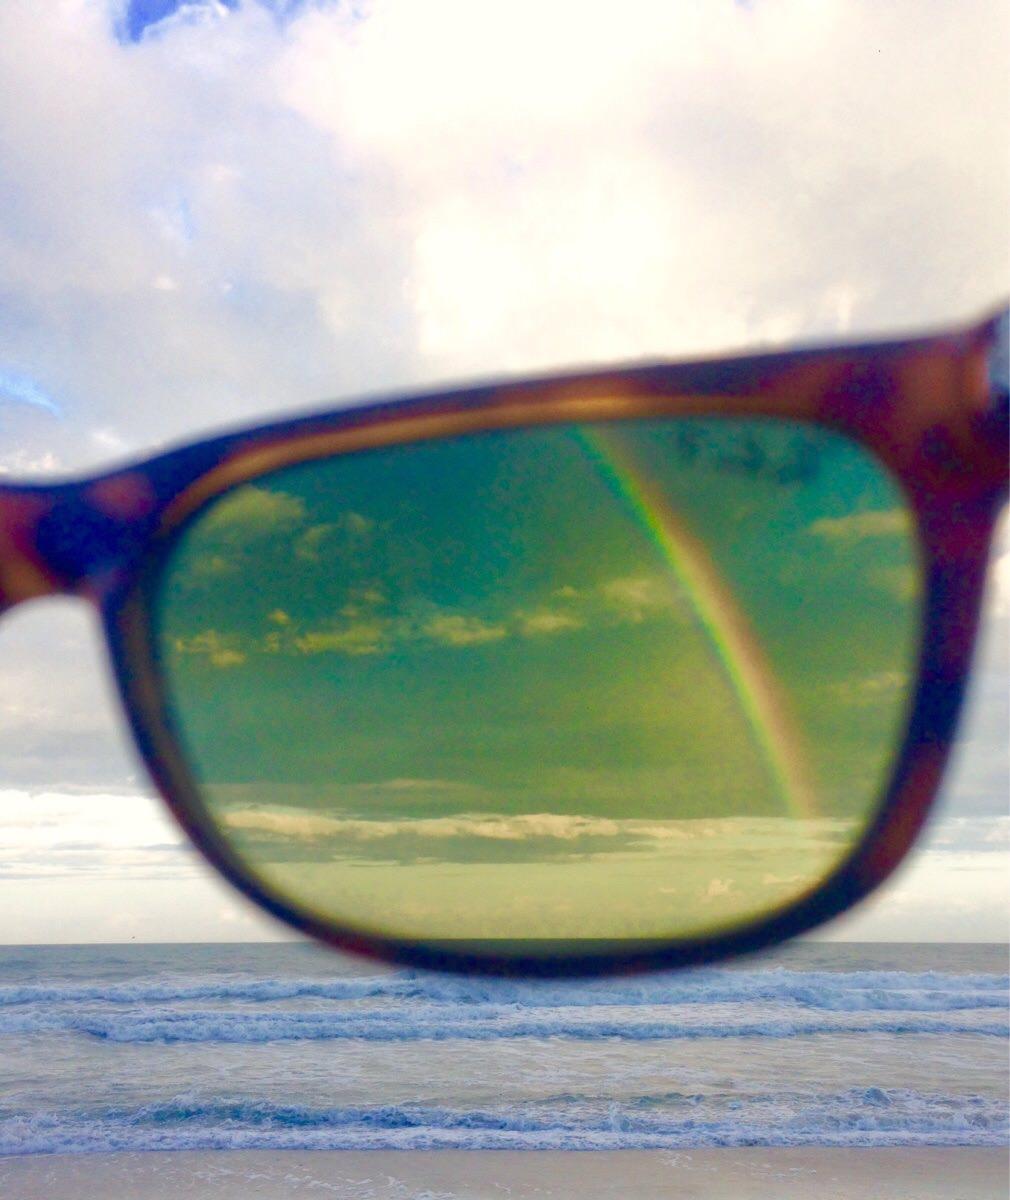 サングラス越しの虹